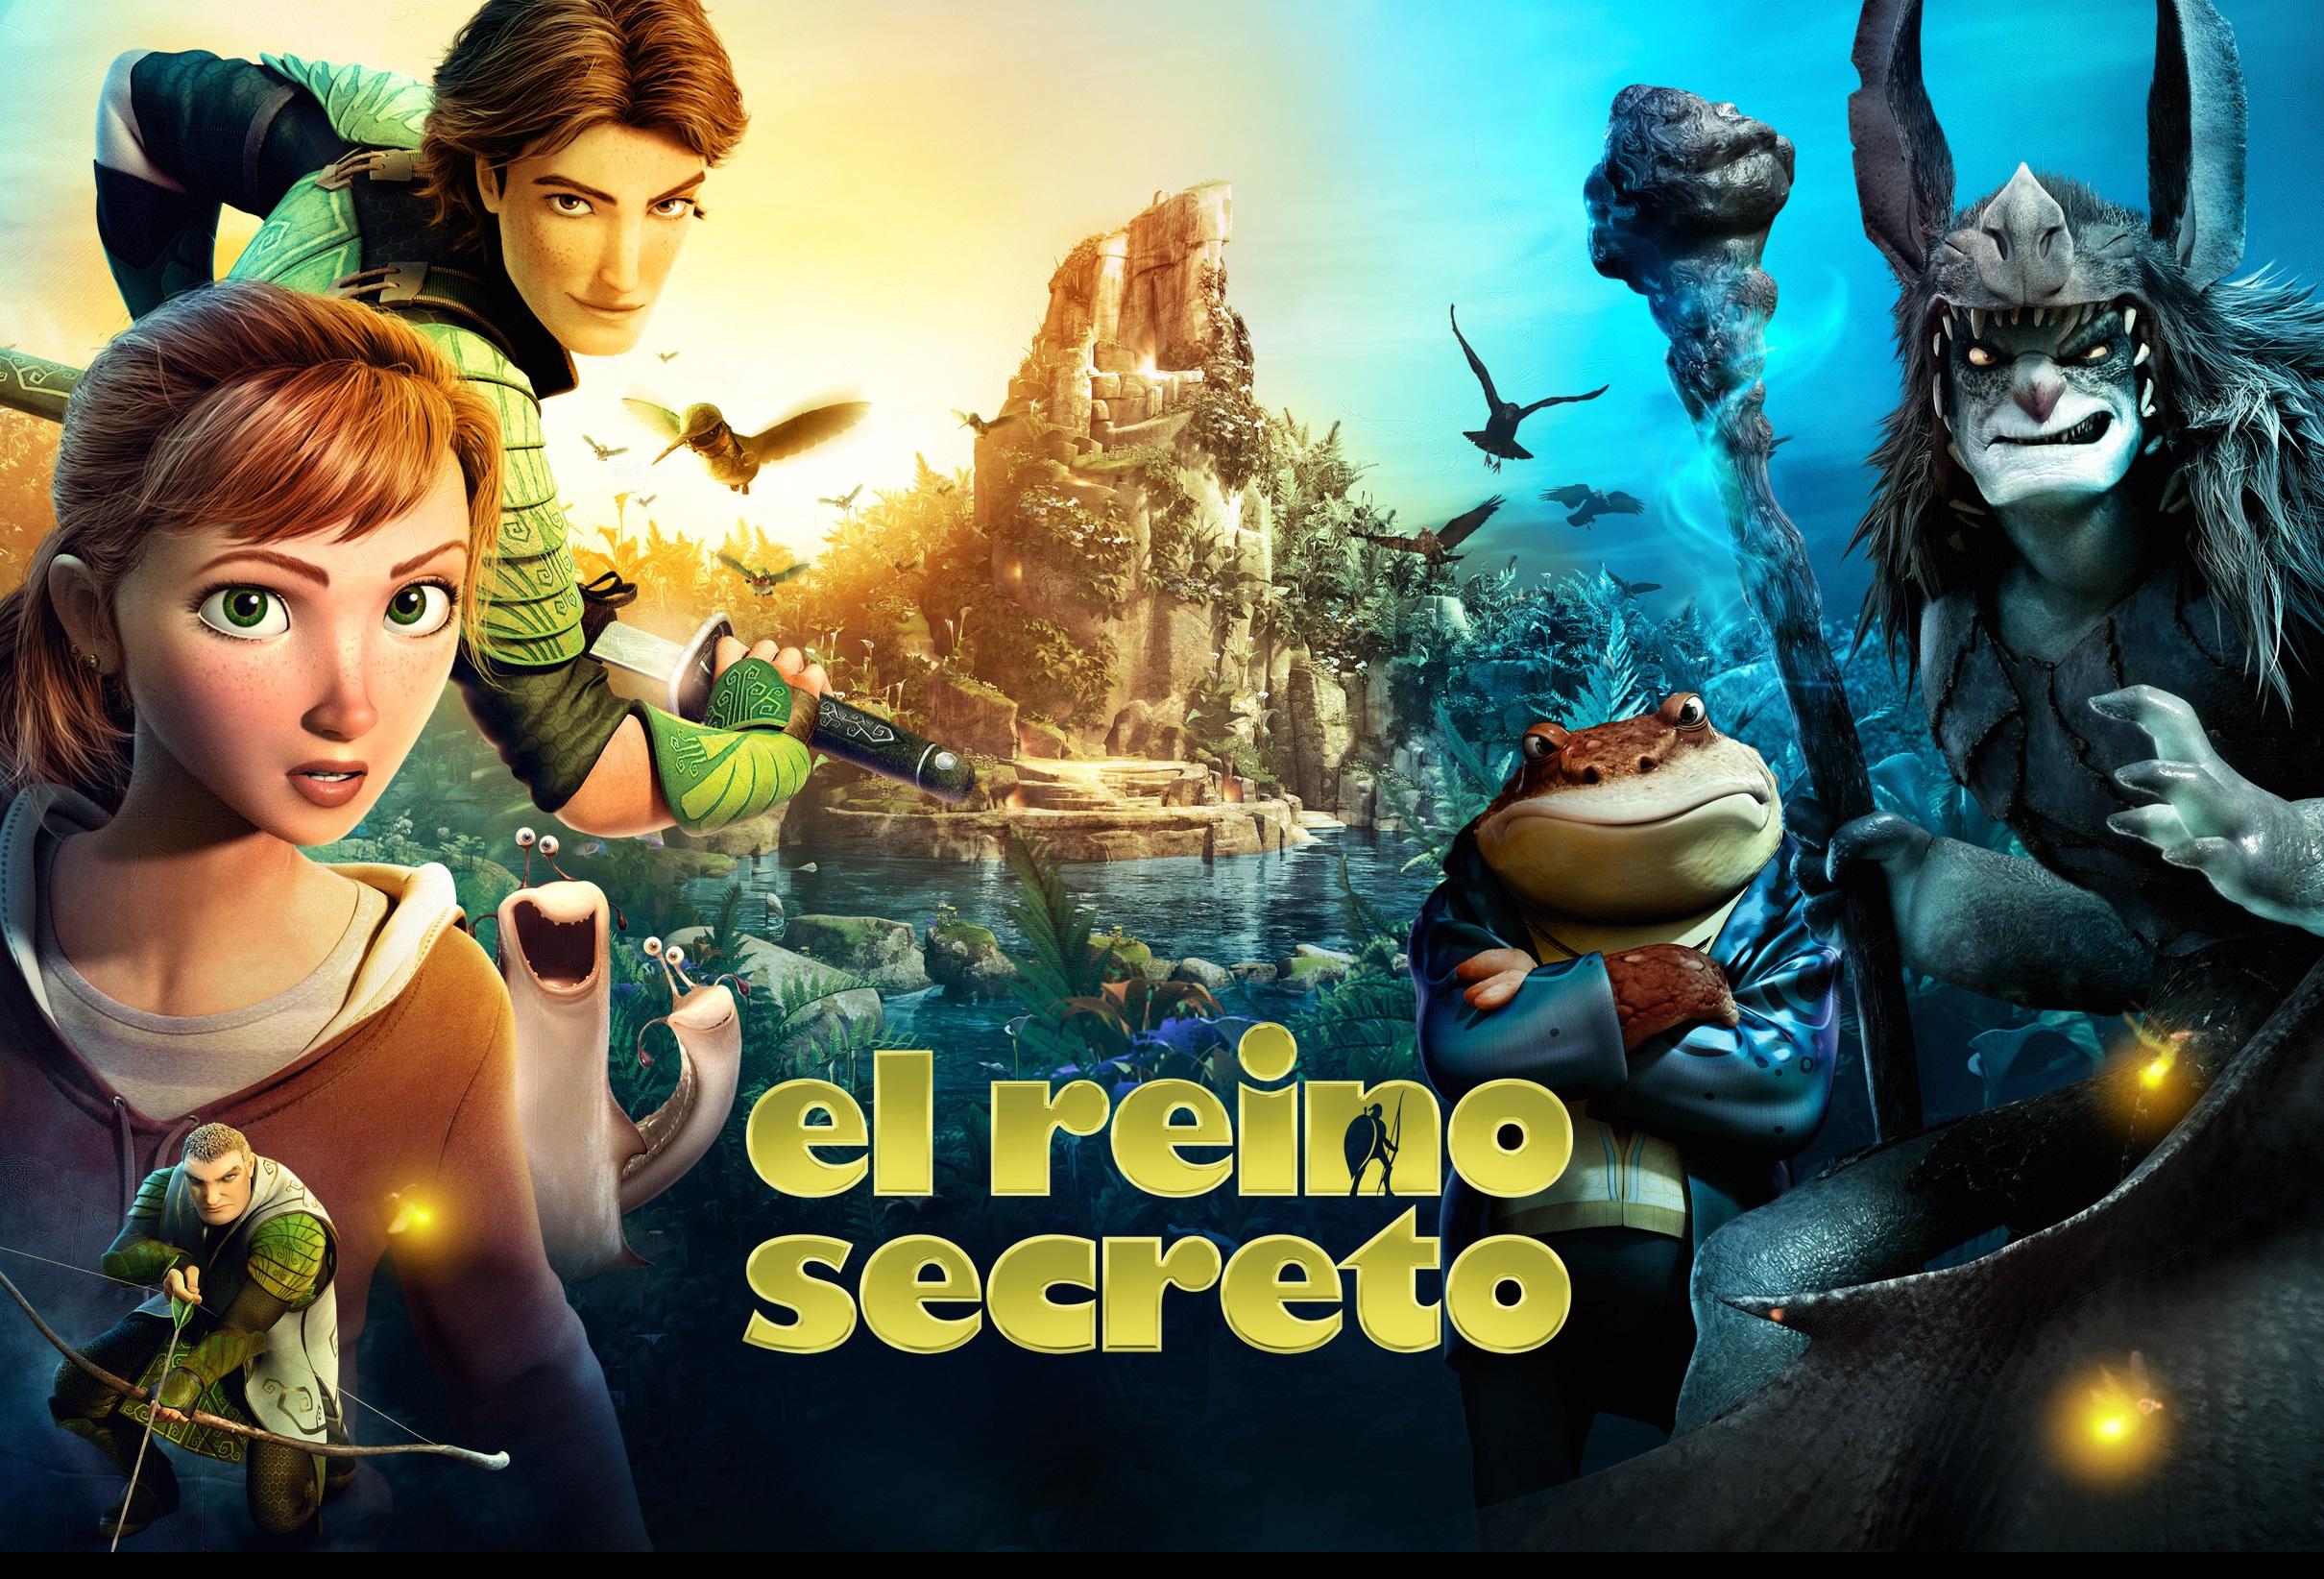 El reino secreto 1080p mega latino identi for Cancion de la pelicula el jardin secreto